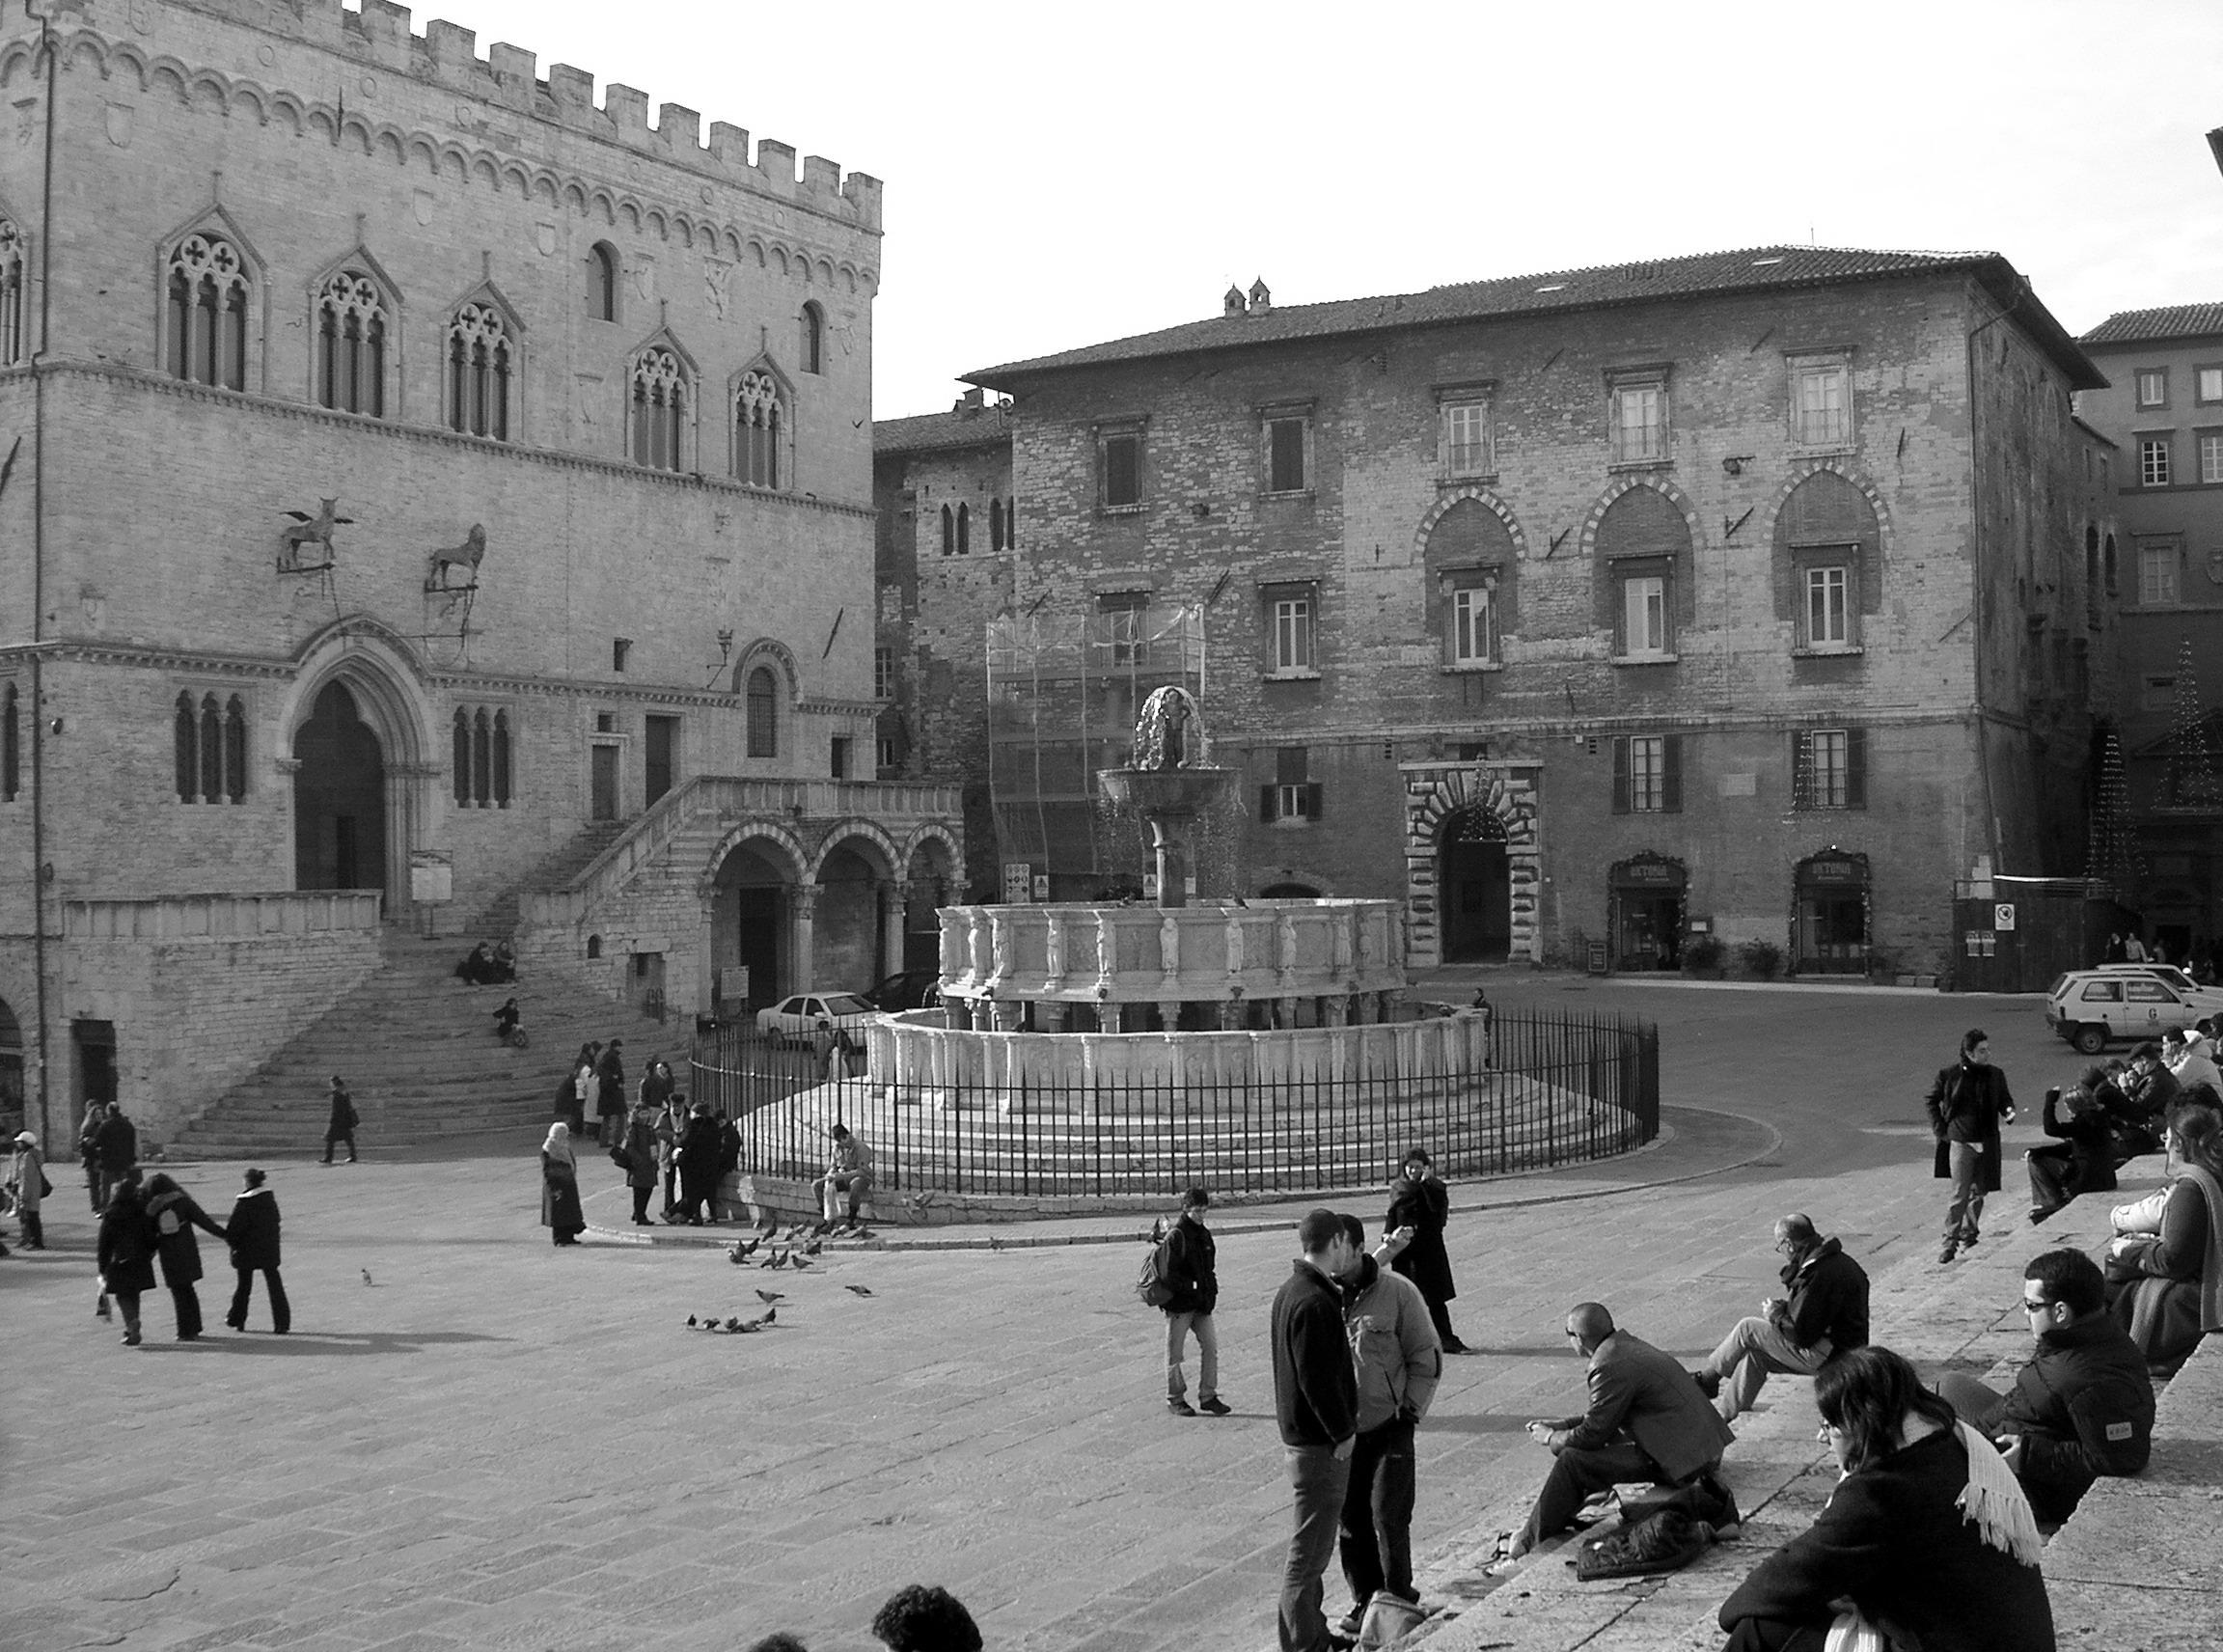 Restr perugia piazza iv wikipedia for Arredare milano piazza iv novembre